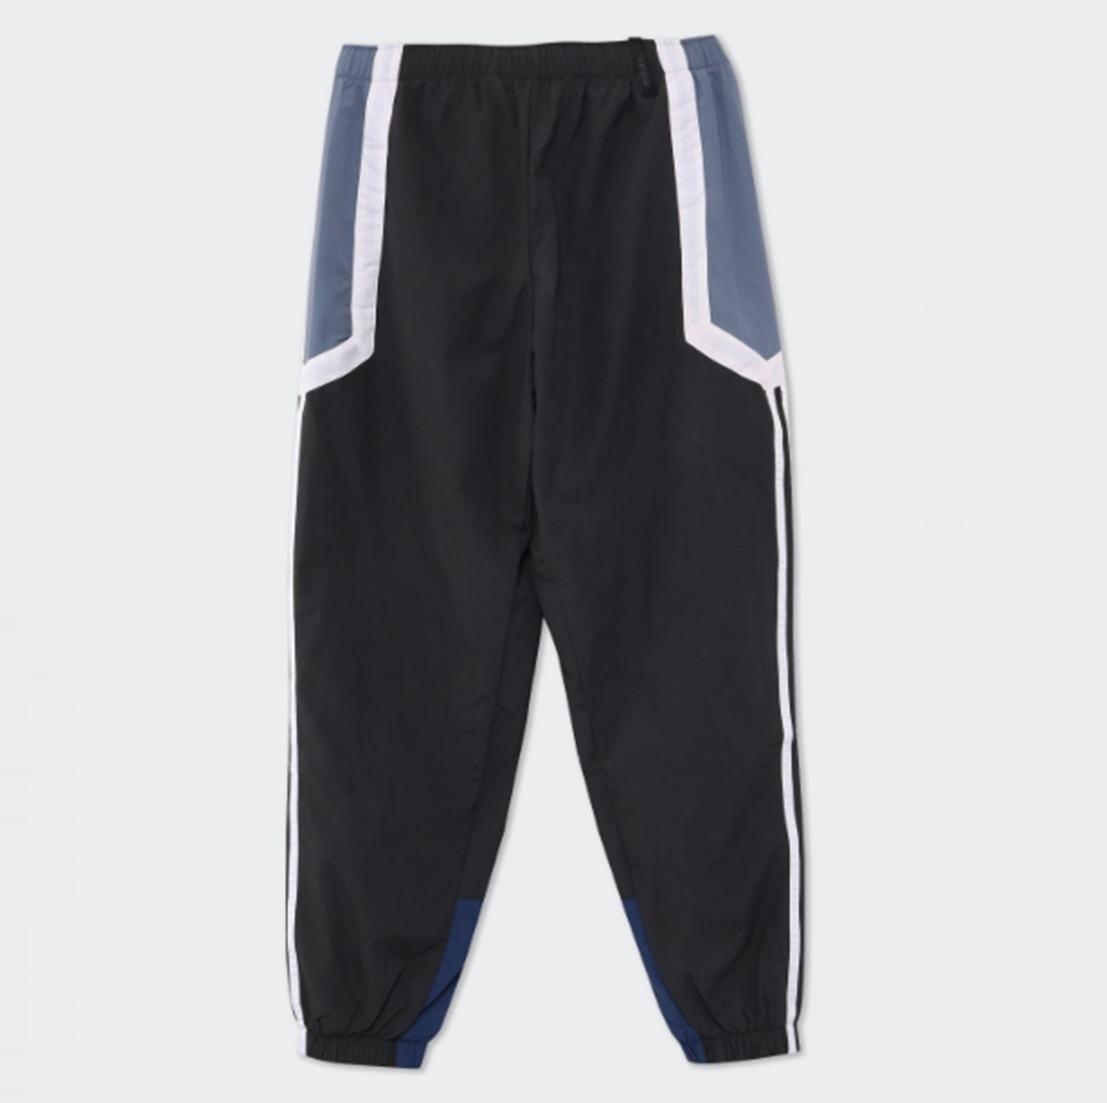 Pantalon adidas Originals Nova Wind Jogger